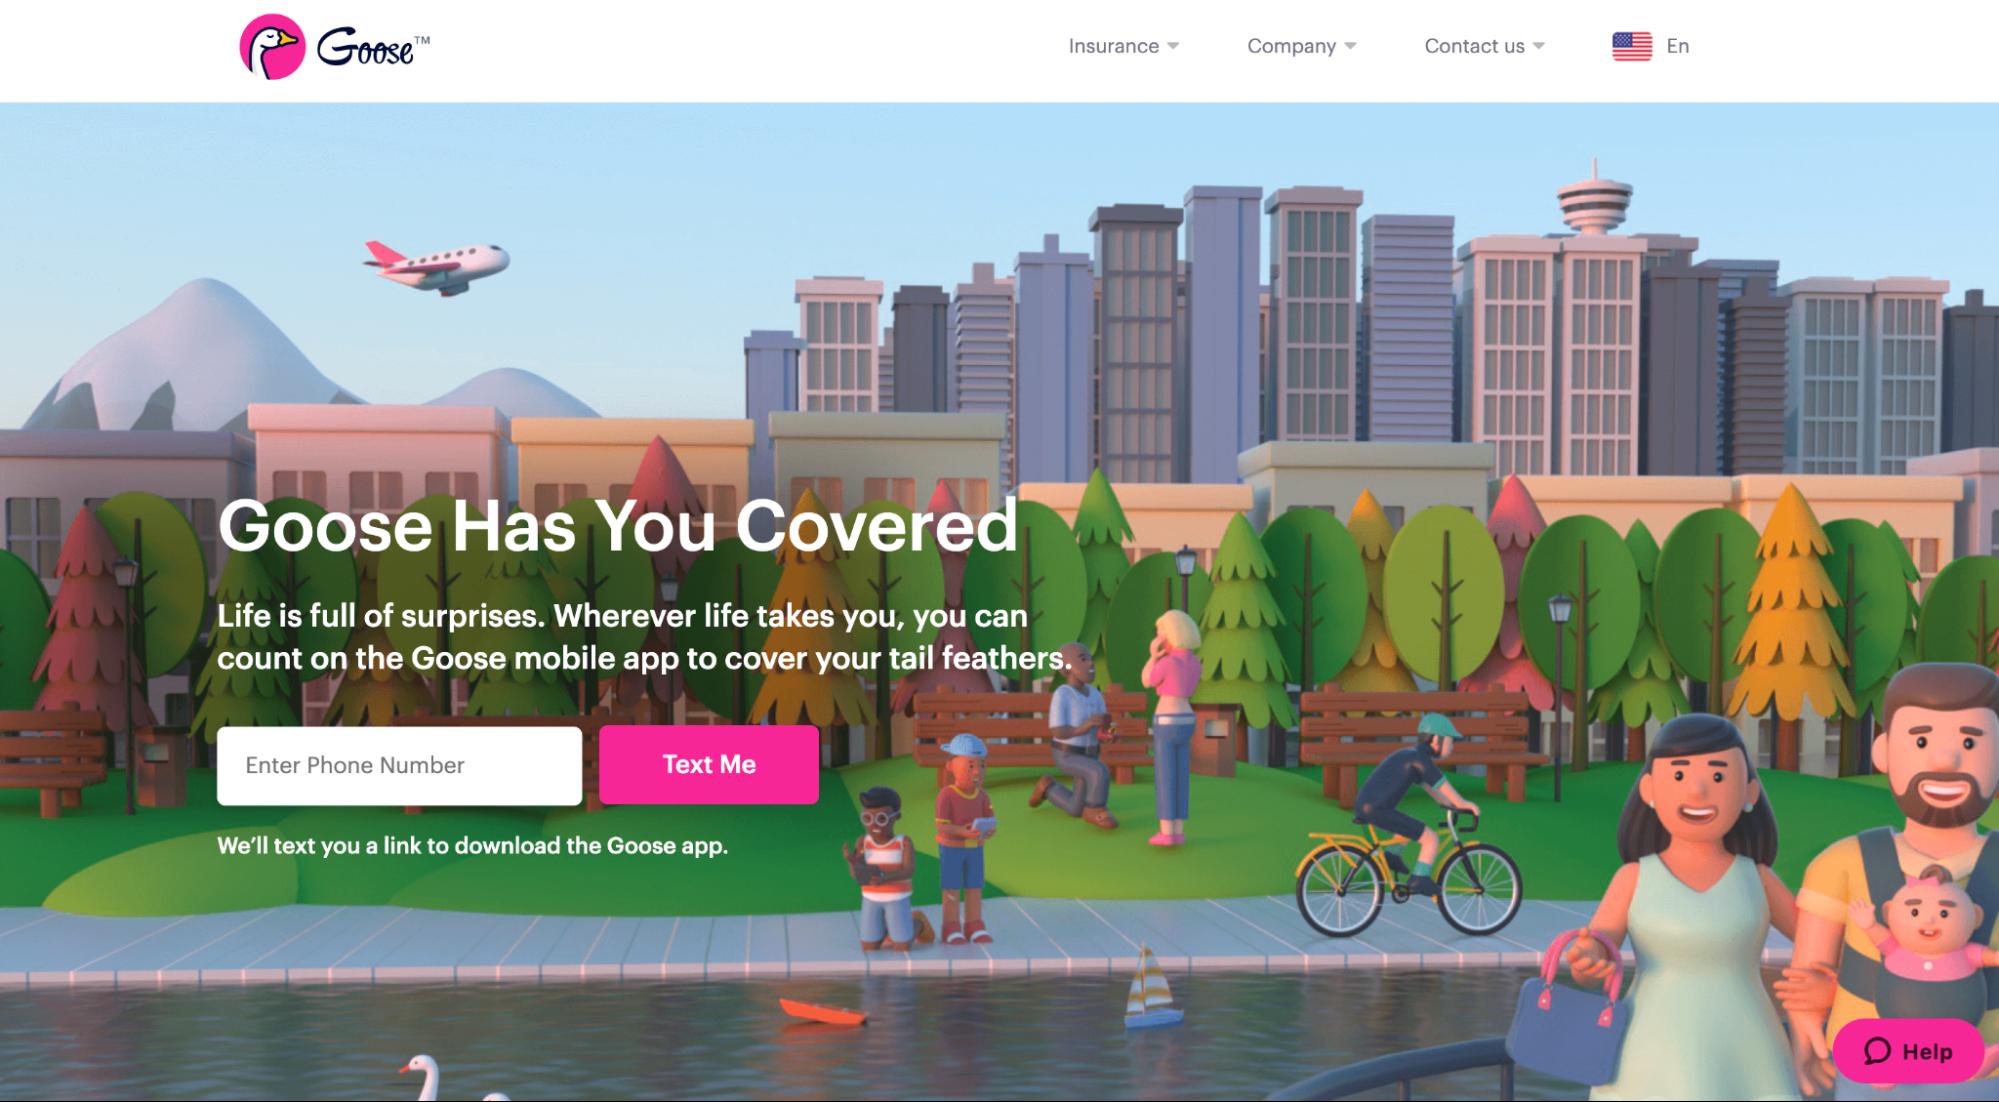 Goose insurance mobile app